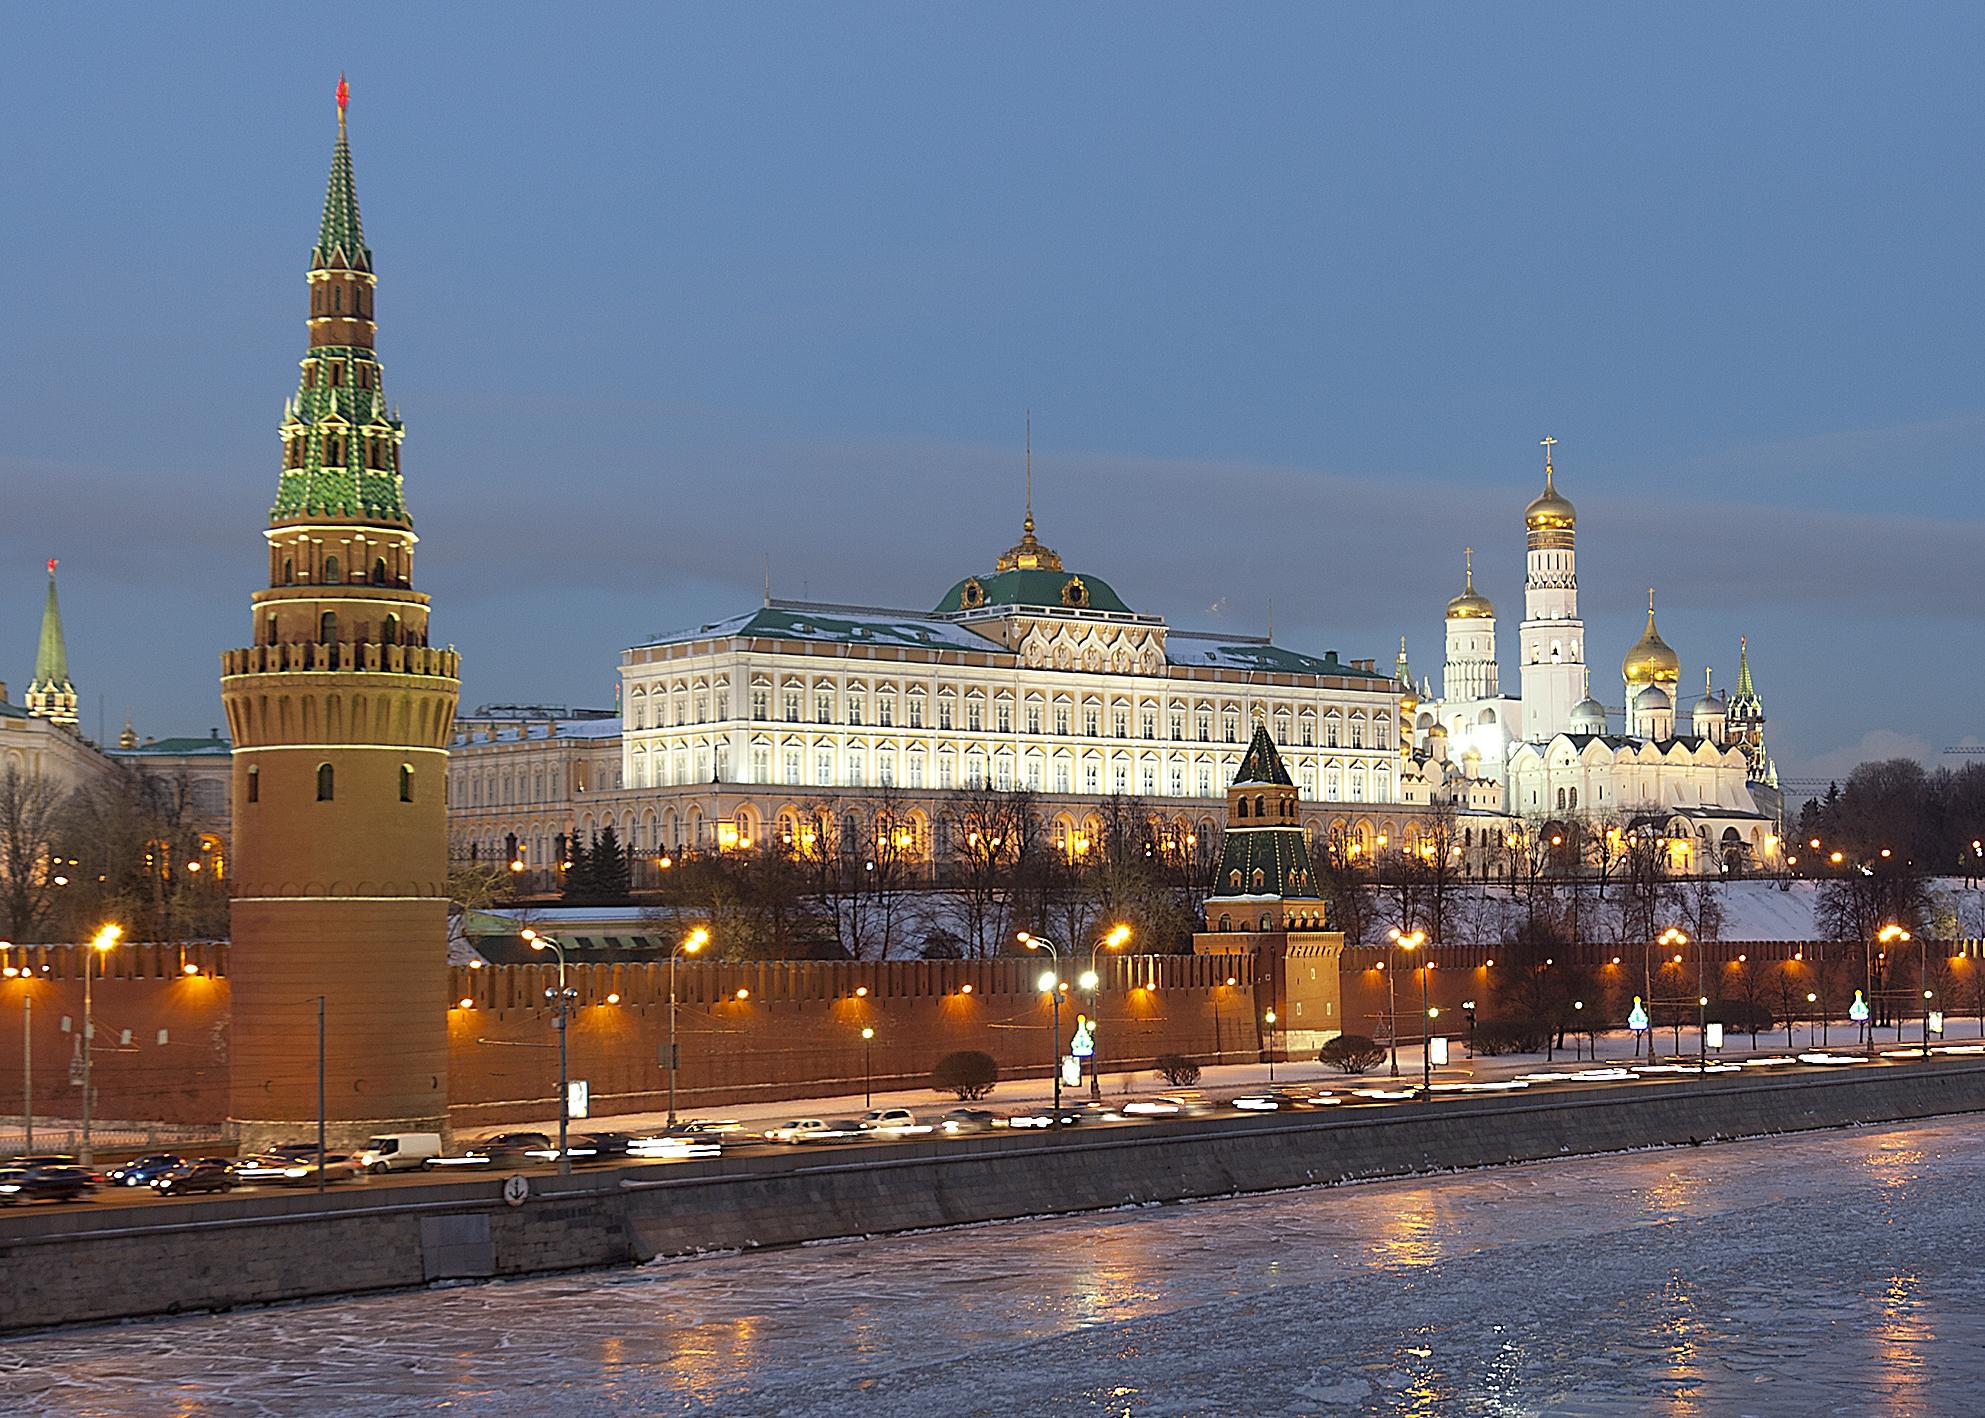 VELKOMMEN TIL JULEFEST: Alle barn av amerikanske diplomater kan komme og besøke Kreml, om de vil være med på jule- og nyttårsfestlighetene her. Det er neppe mange som takker ja til den invitasjonen. Foto: PAVEL KAZACHKOV